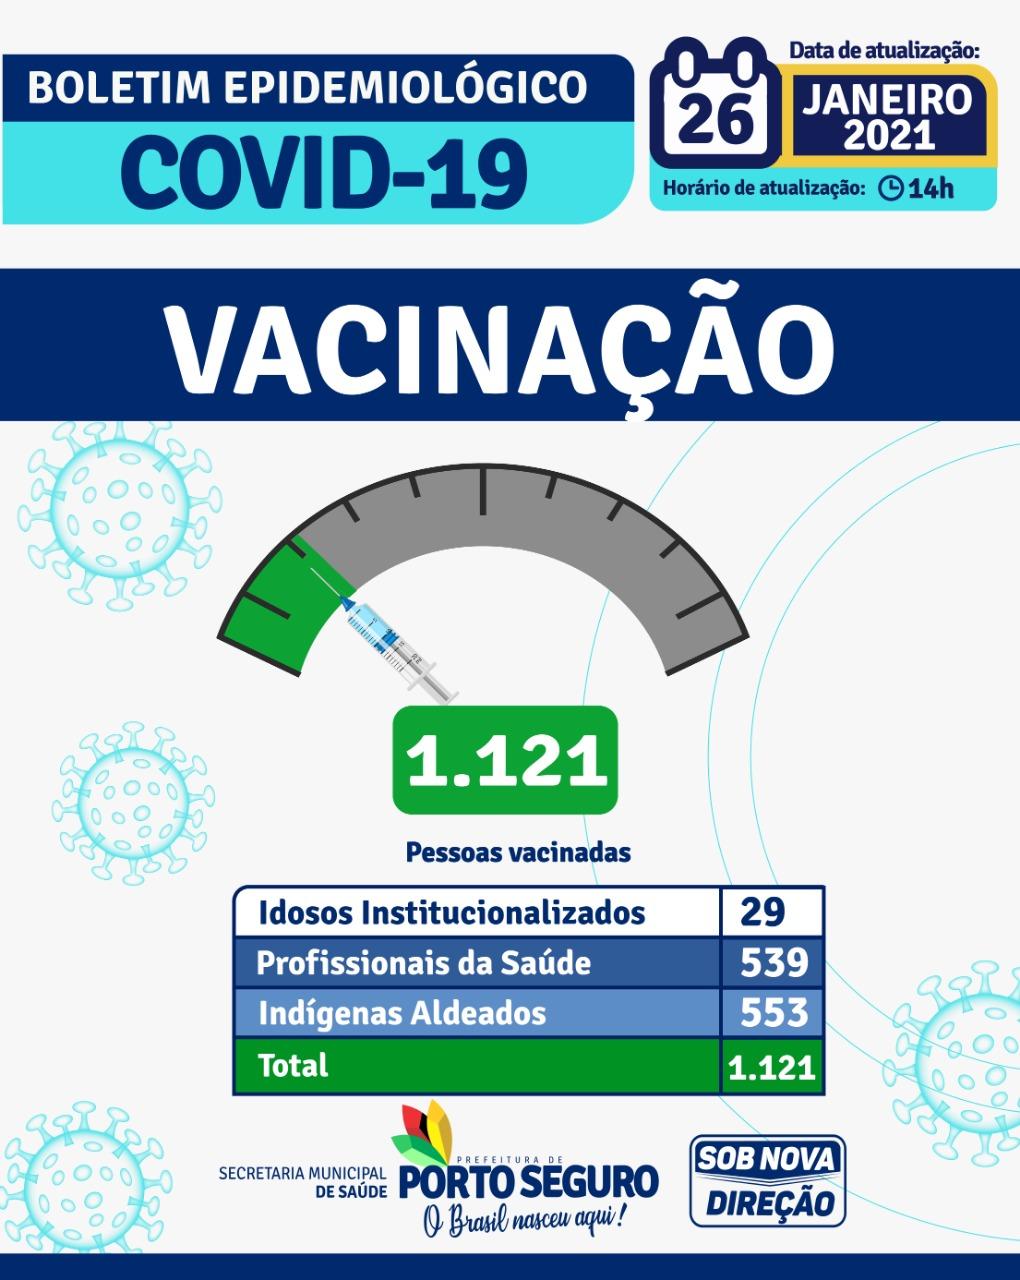 Porto Seguro: Boletim Epidemiológico Coronavírus (Terça-feira) 26/01 27